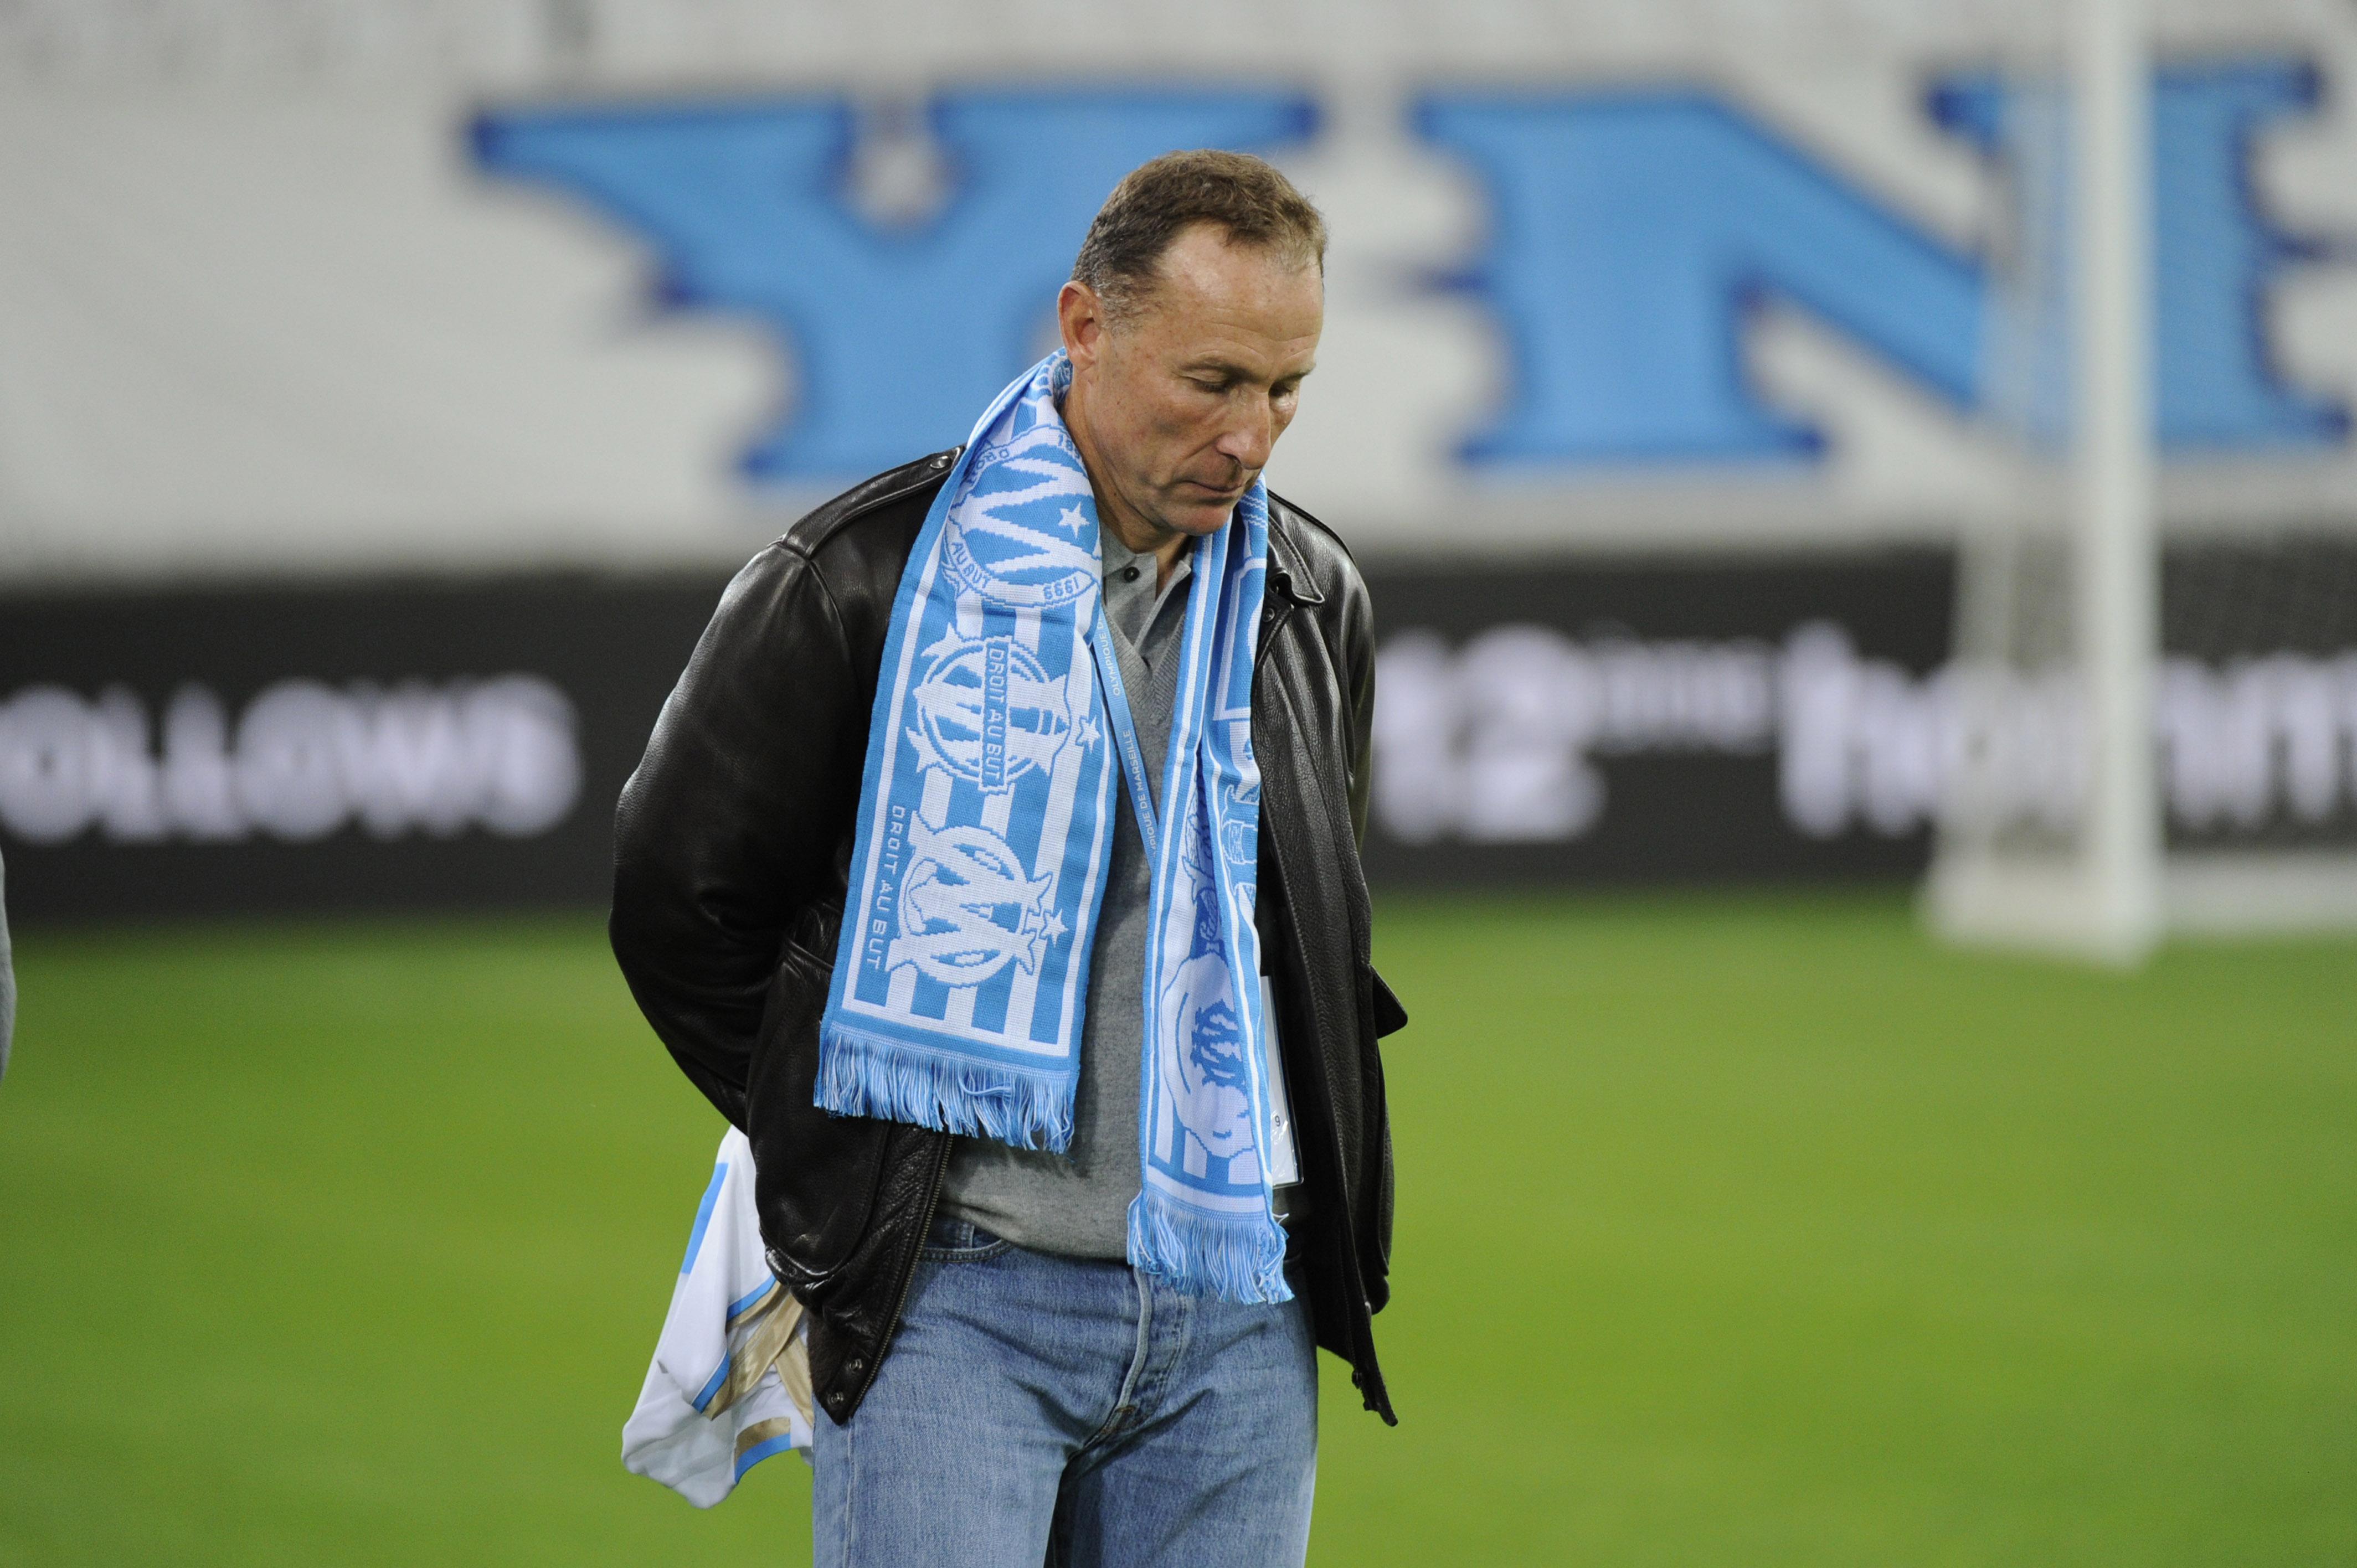 Football - Ligue 2 - Auxerre: Guy Roux l'emporte par K-O face à Papin